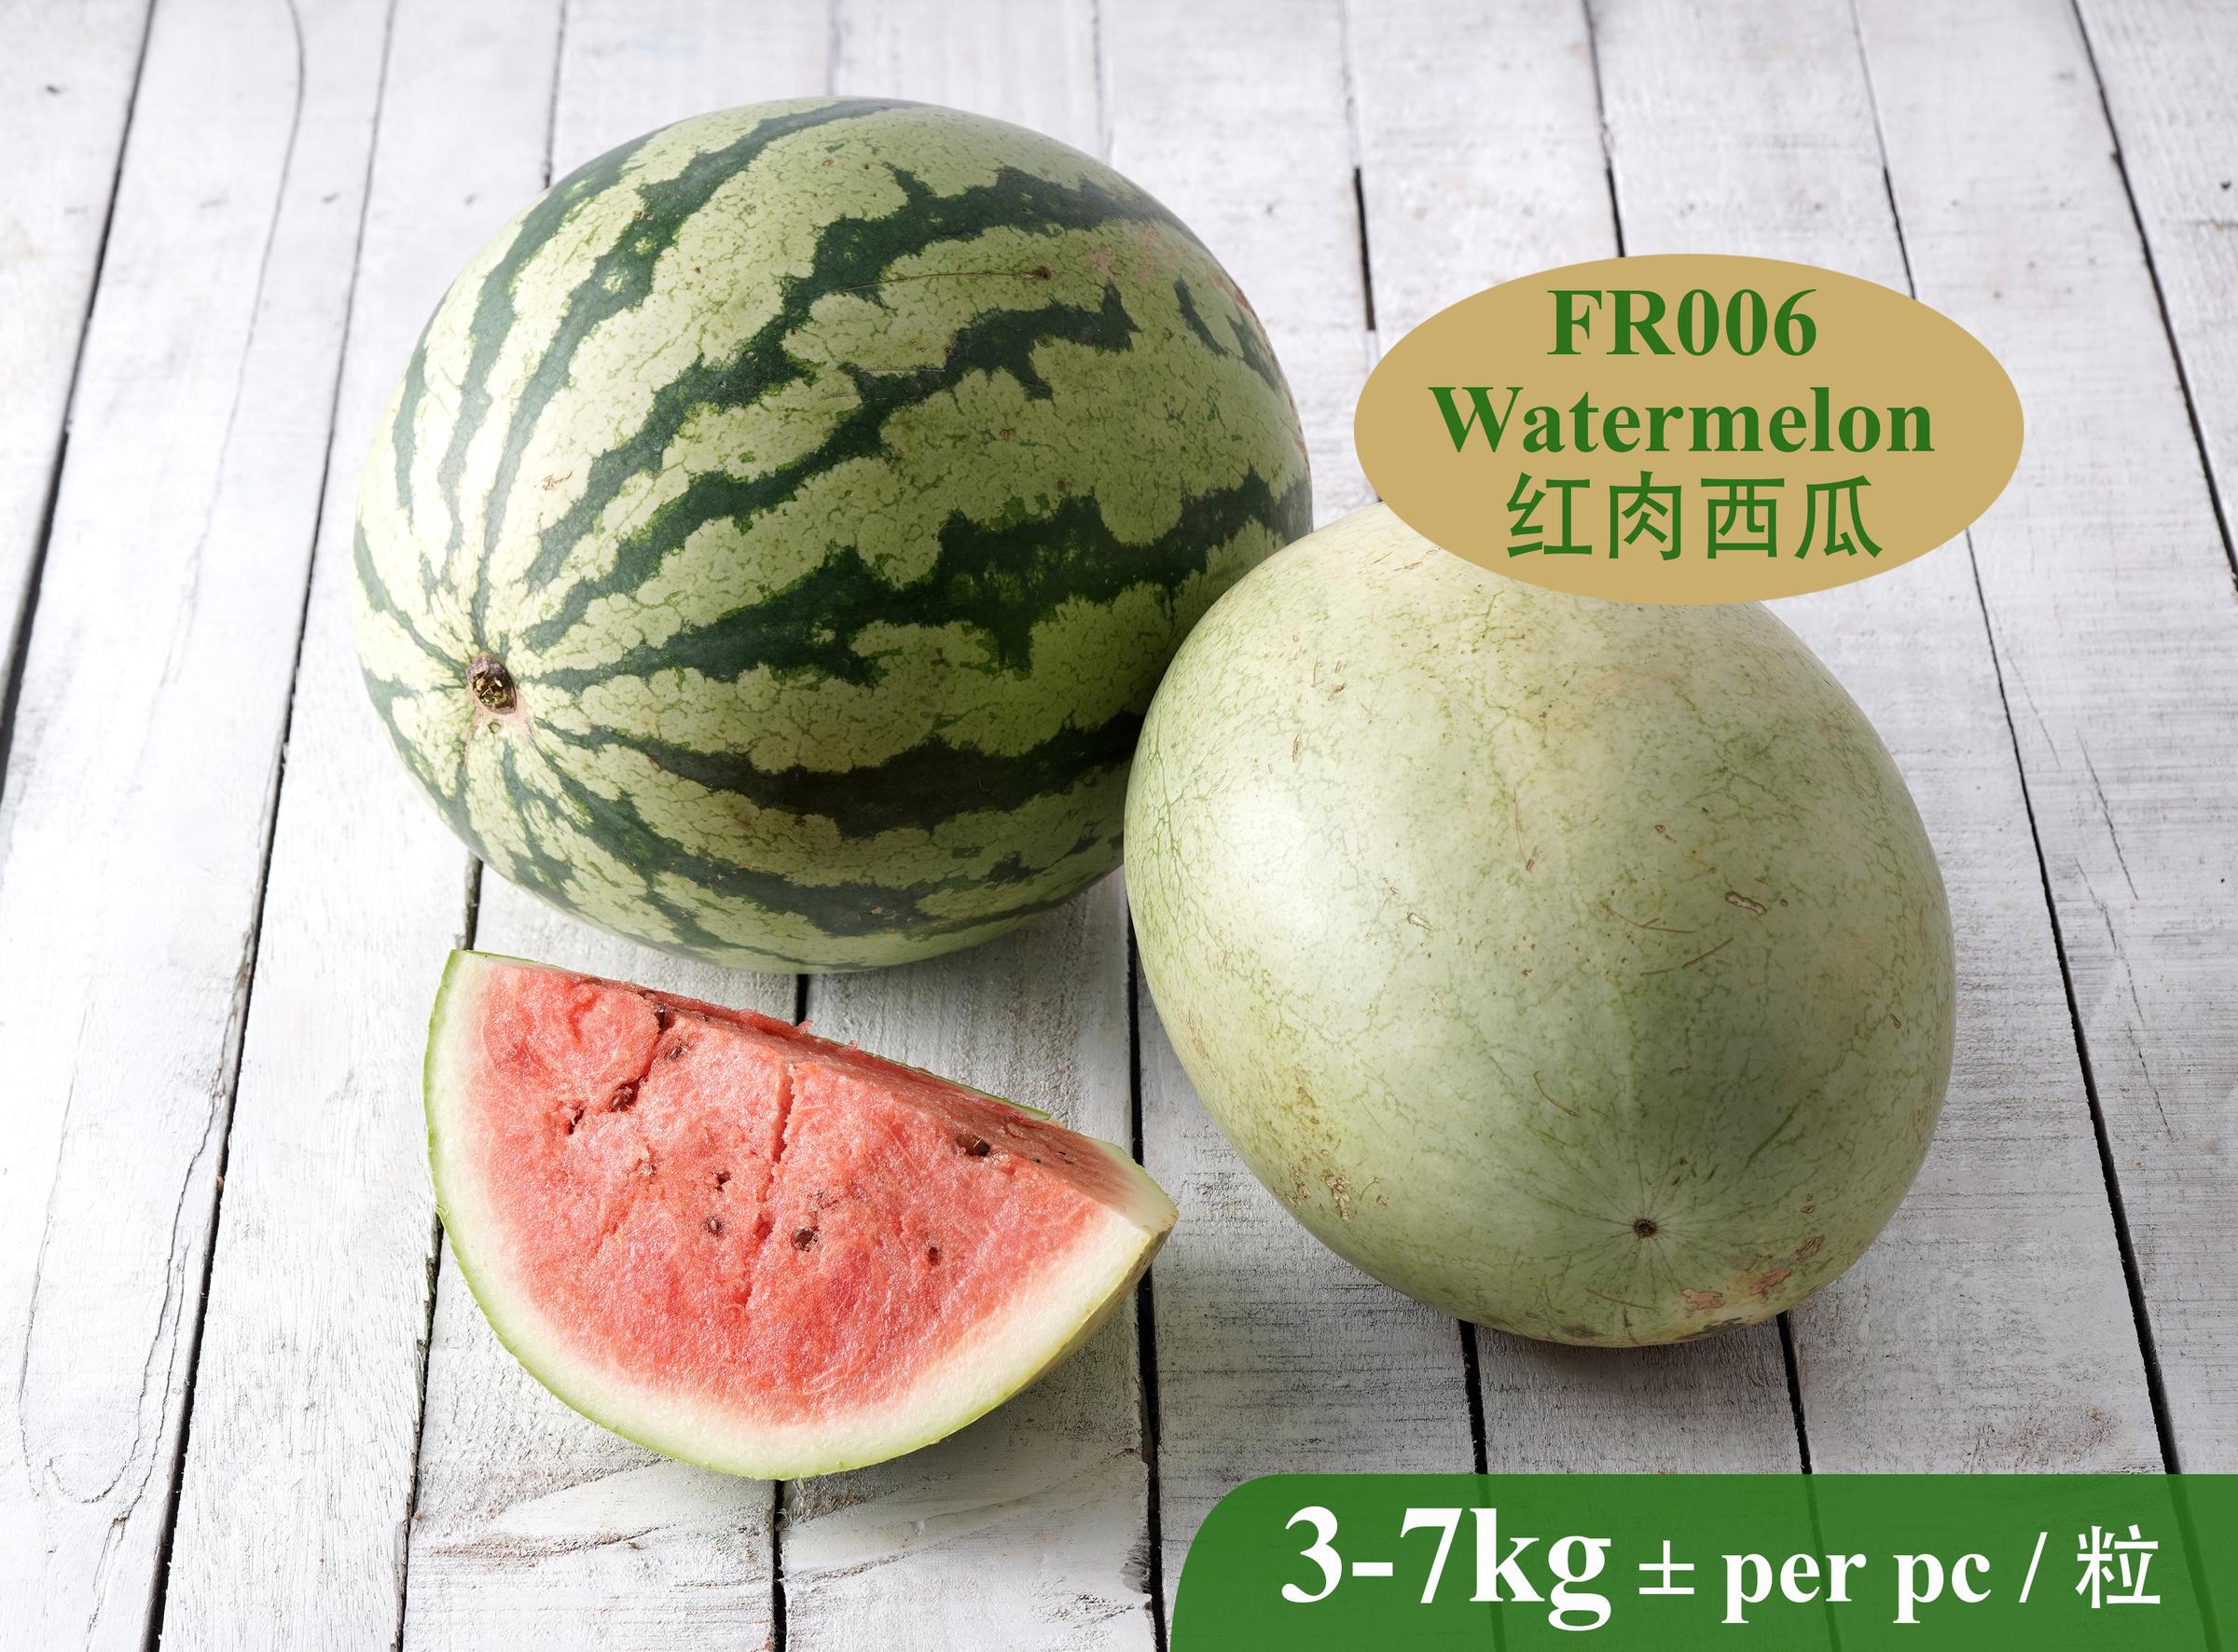 FR006 Watermelon-RM8.00 per kg.jpg